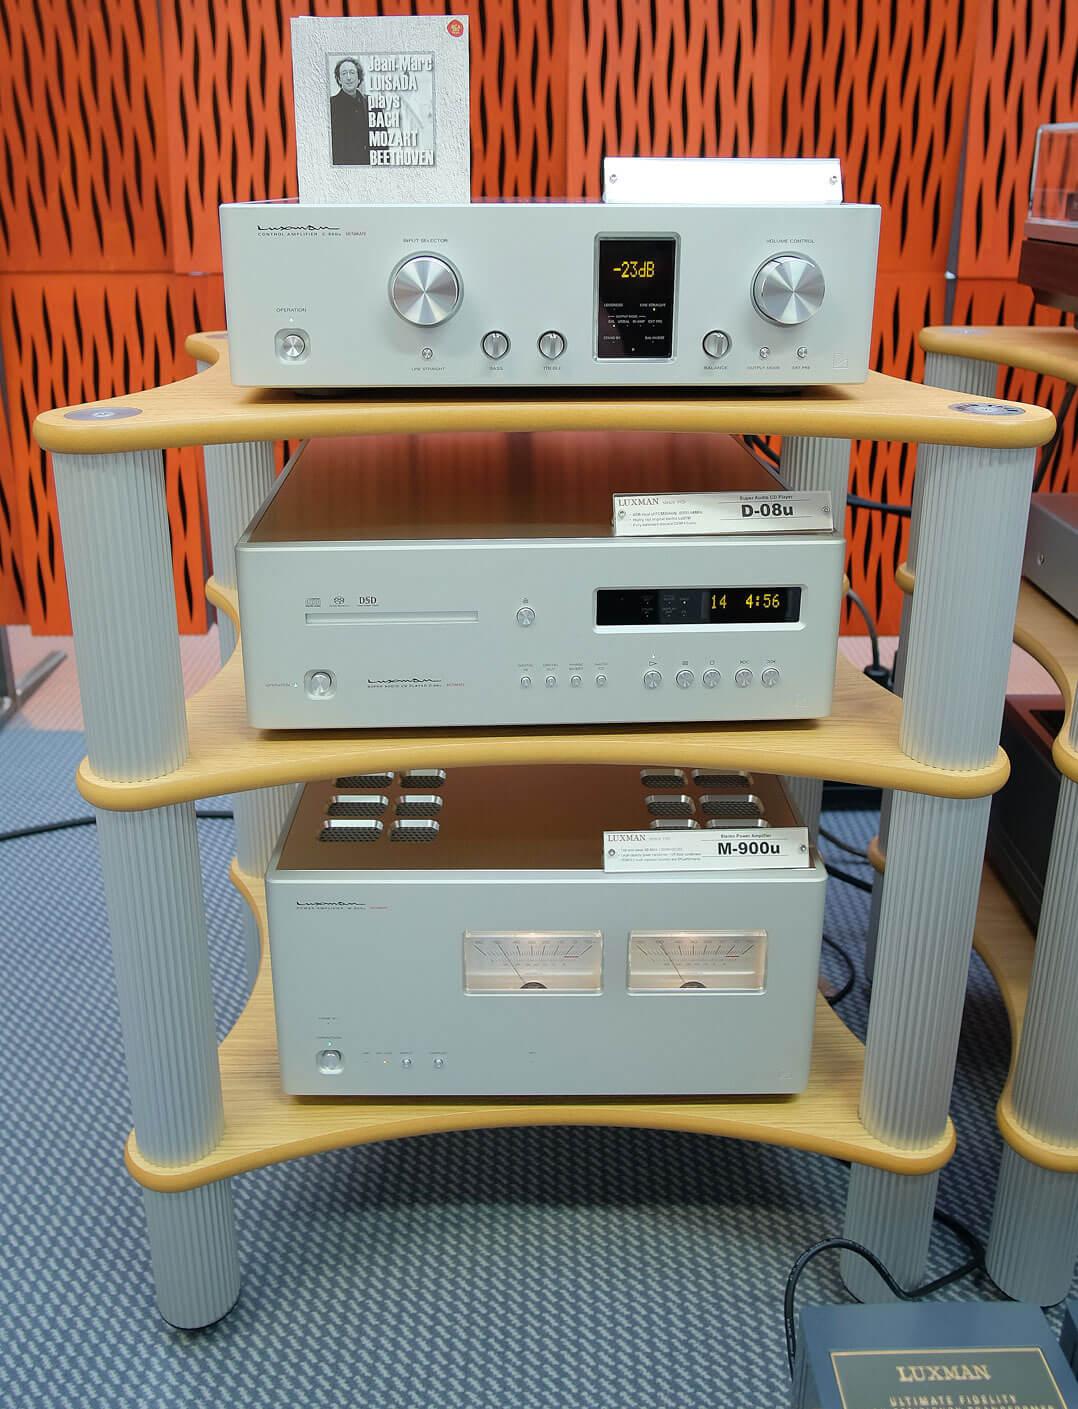 Luxman Vorverstärker C-900, Endstufe M-900, SACD-Player D-08u